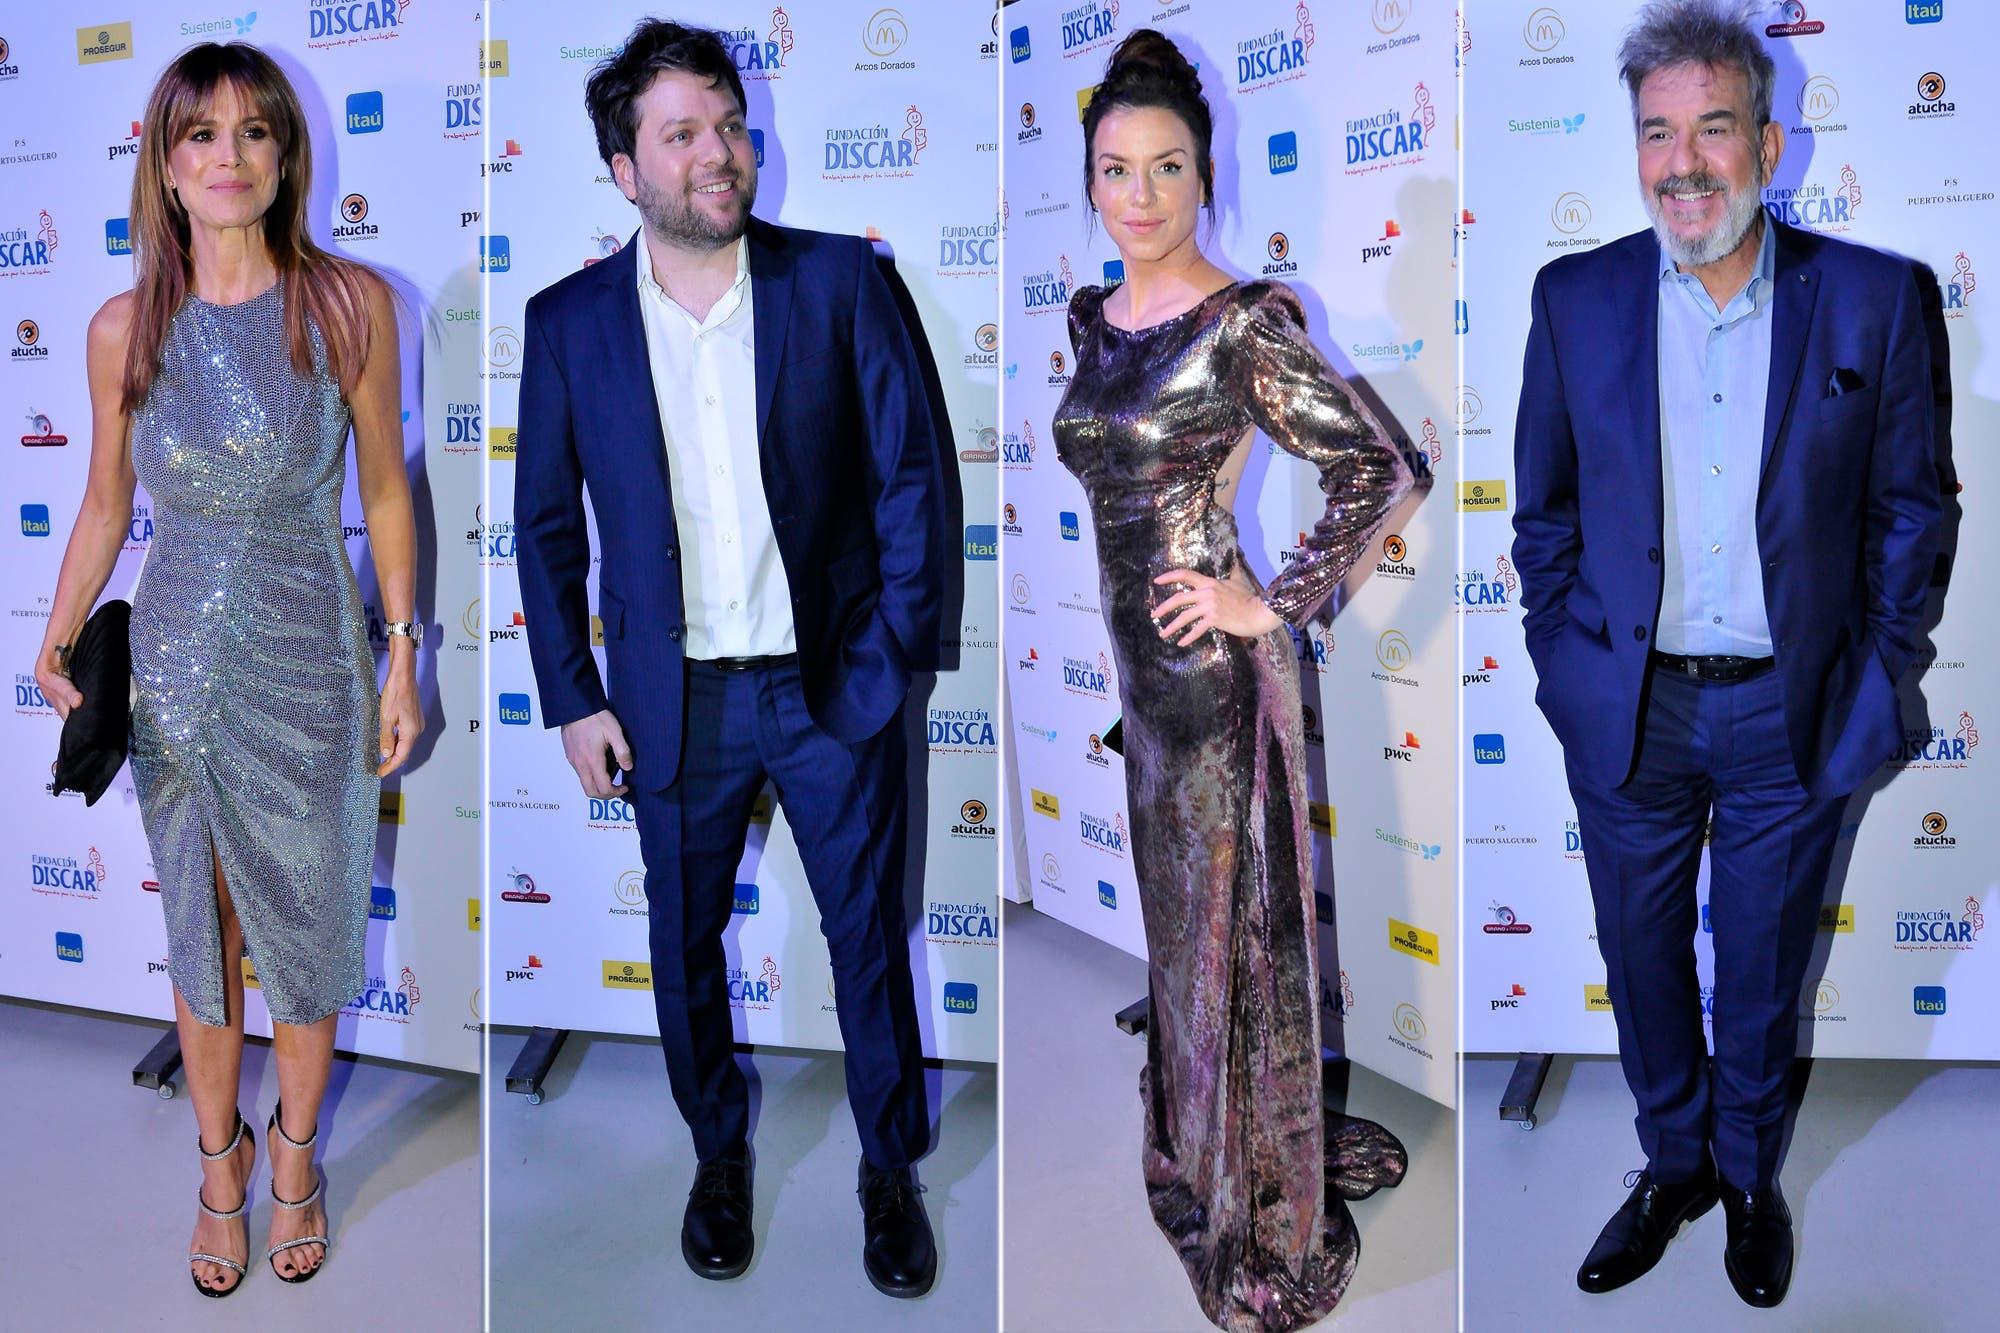 Gala Discar: del look de Flavia Palmiero a los besos de Mercedes Funes y Cecilio Flemati